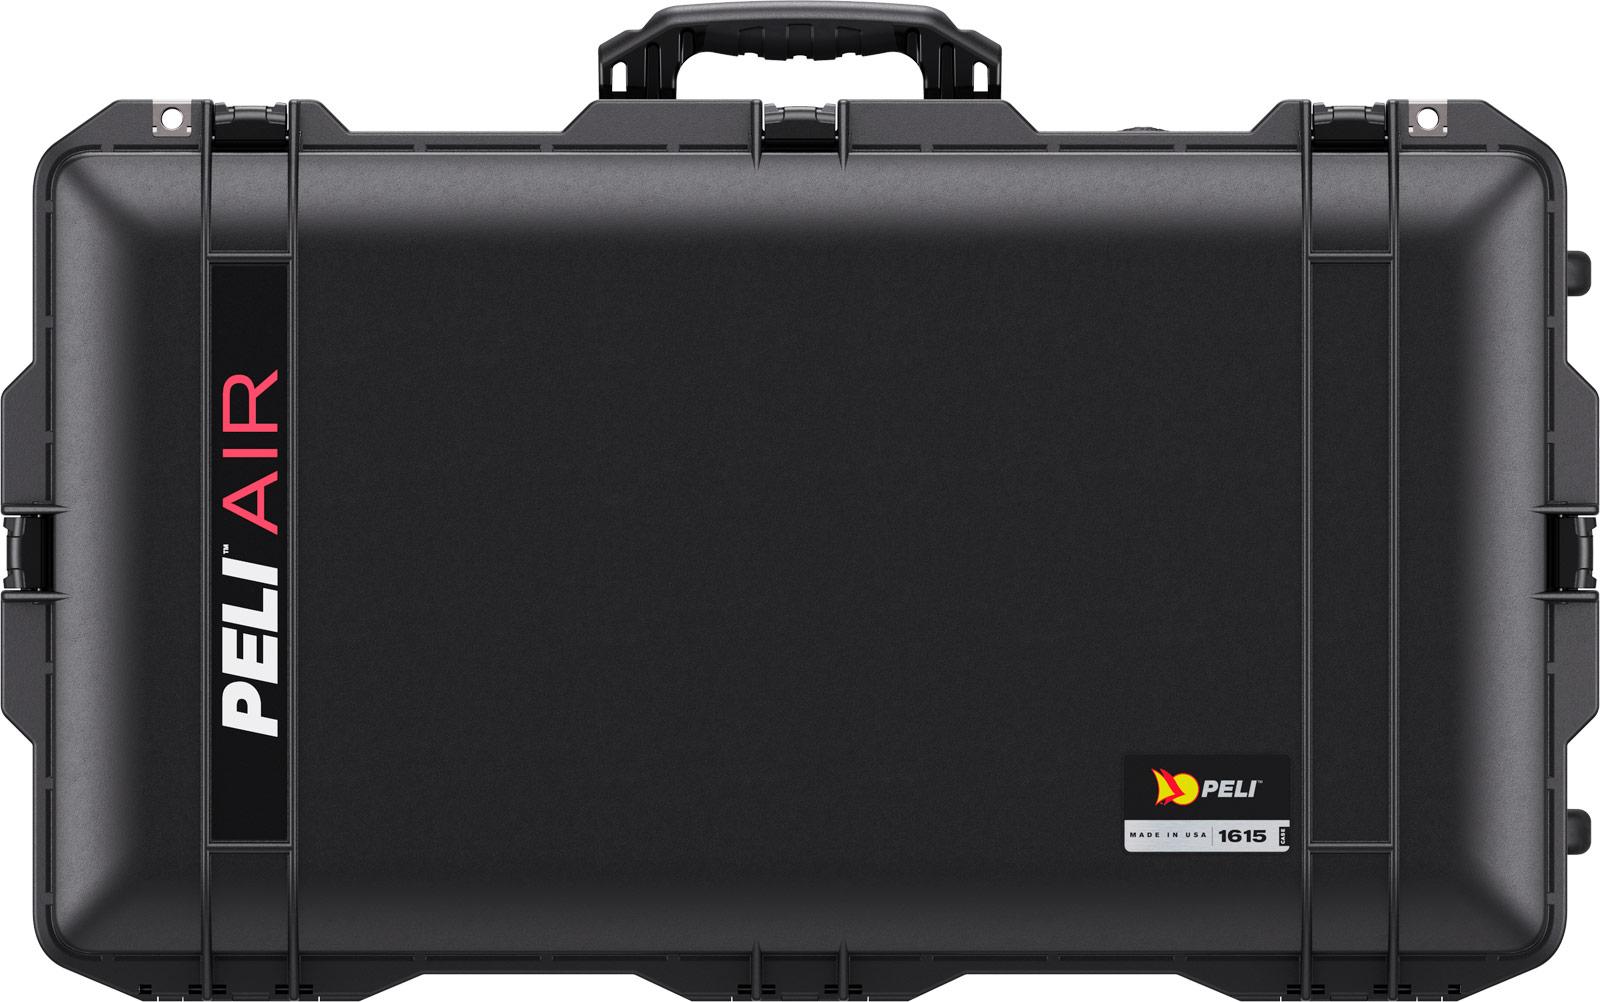 peli black 1615 air travel case